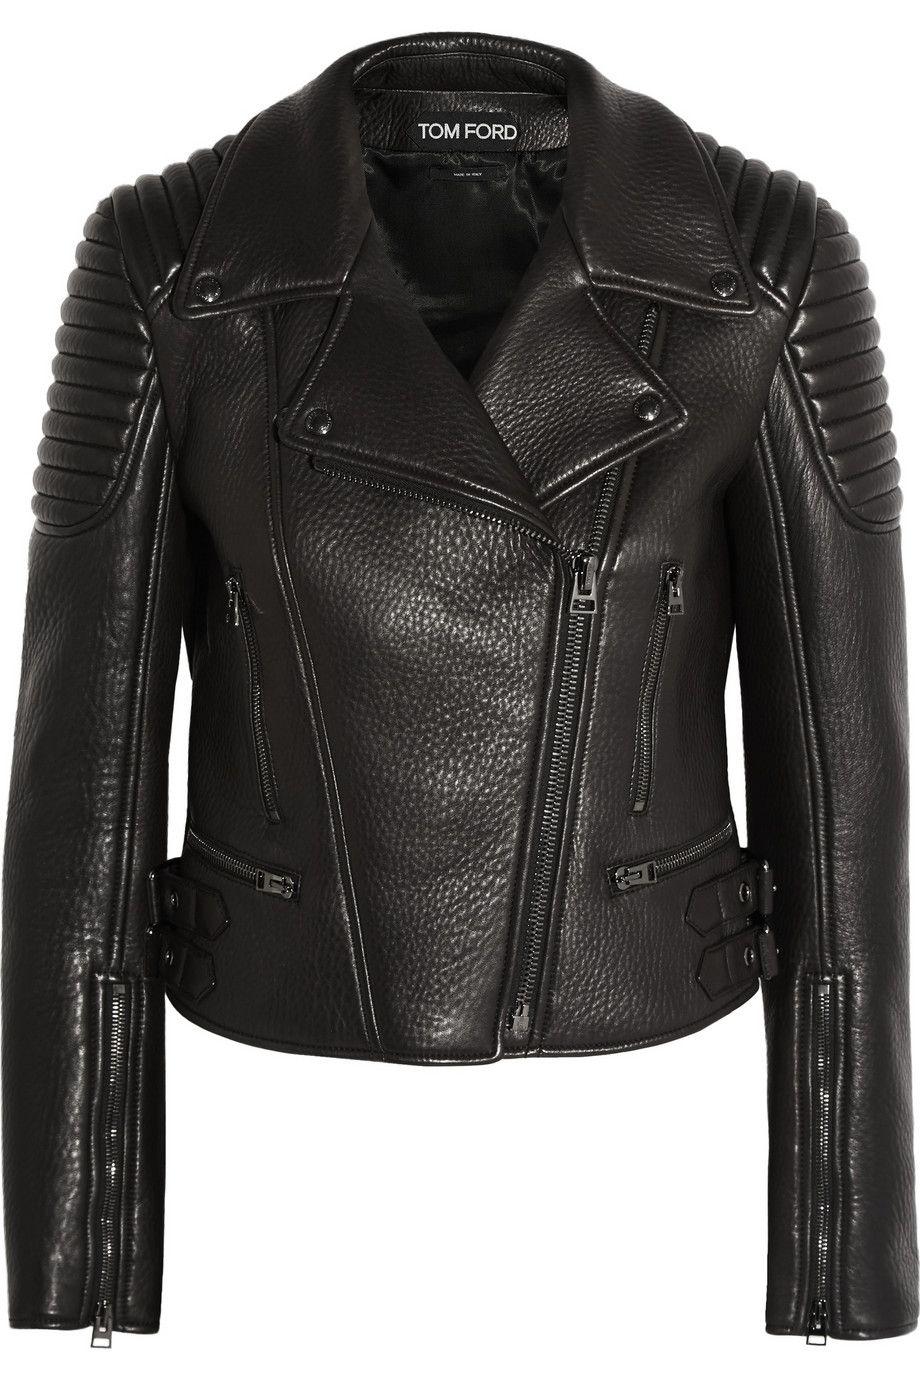 tom ford textured leather biker jacket net a porter. Black Bedroom Furniture Sets. Home Design Ideas